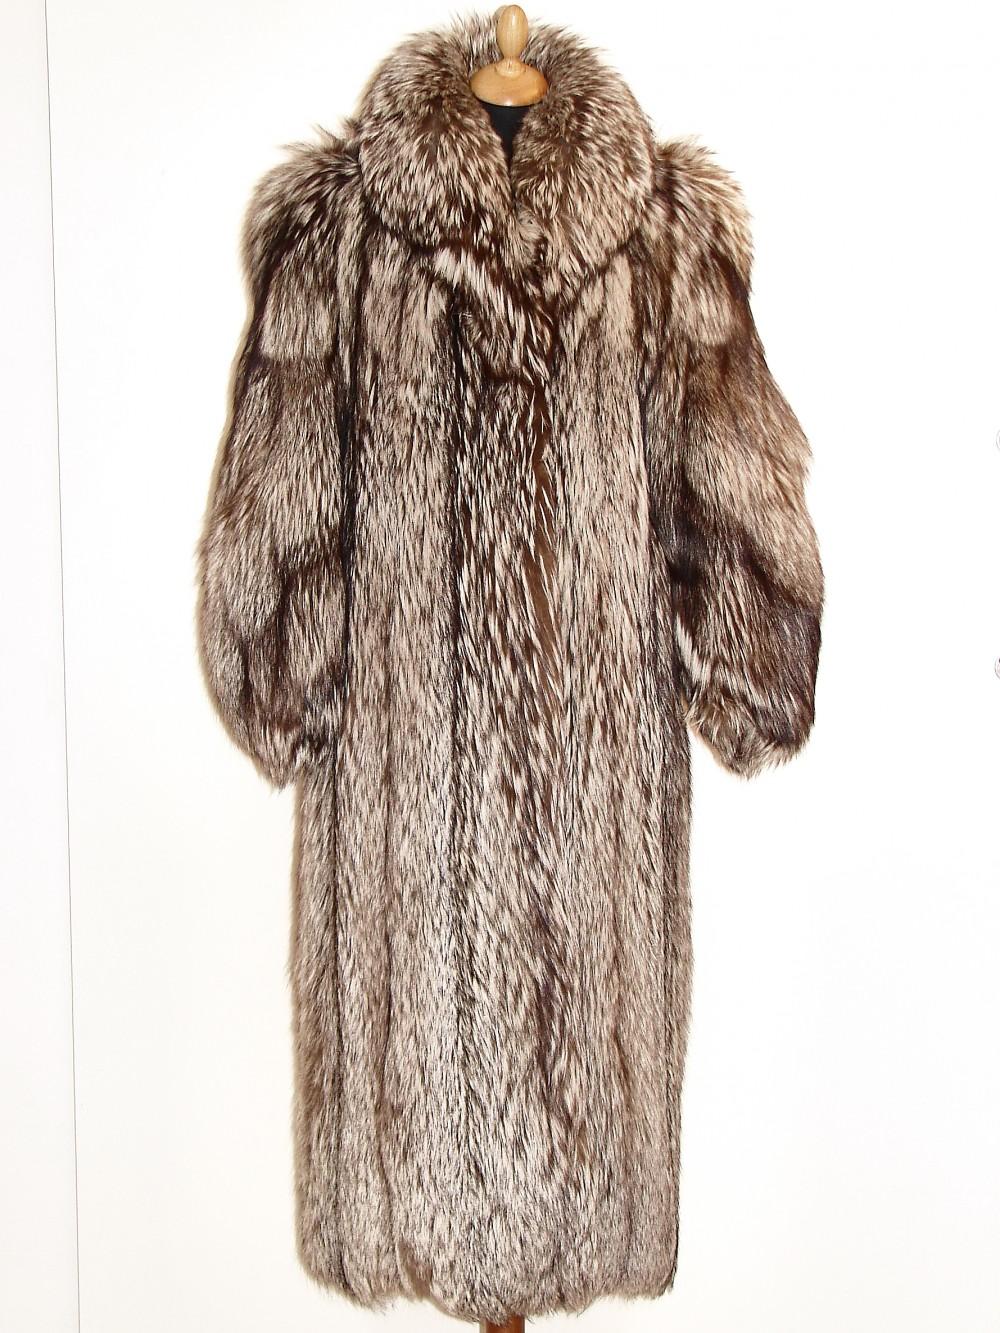 72f6ade44 Sølvræv pels